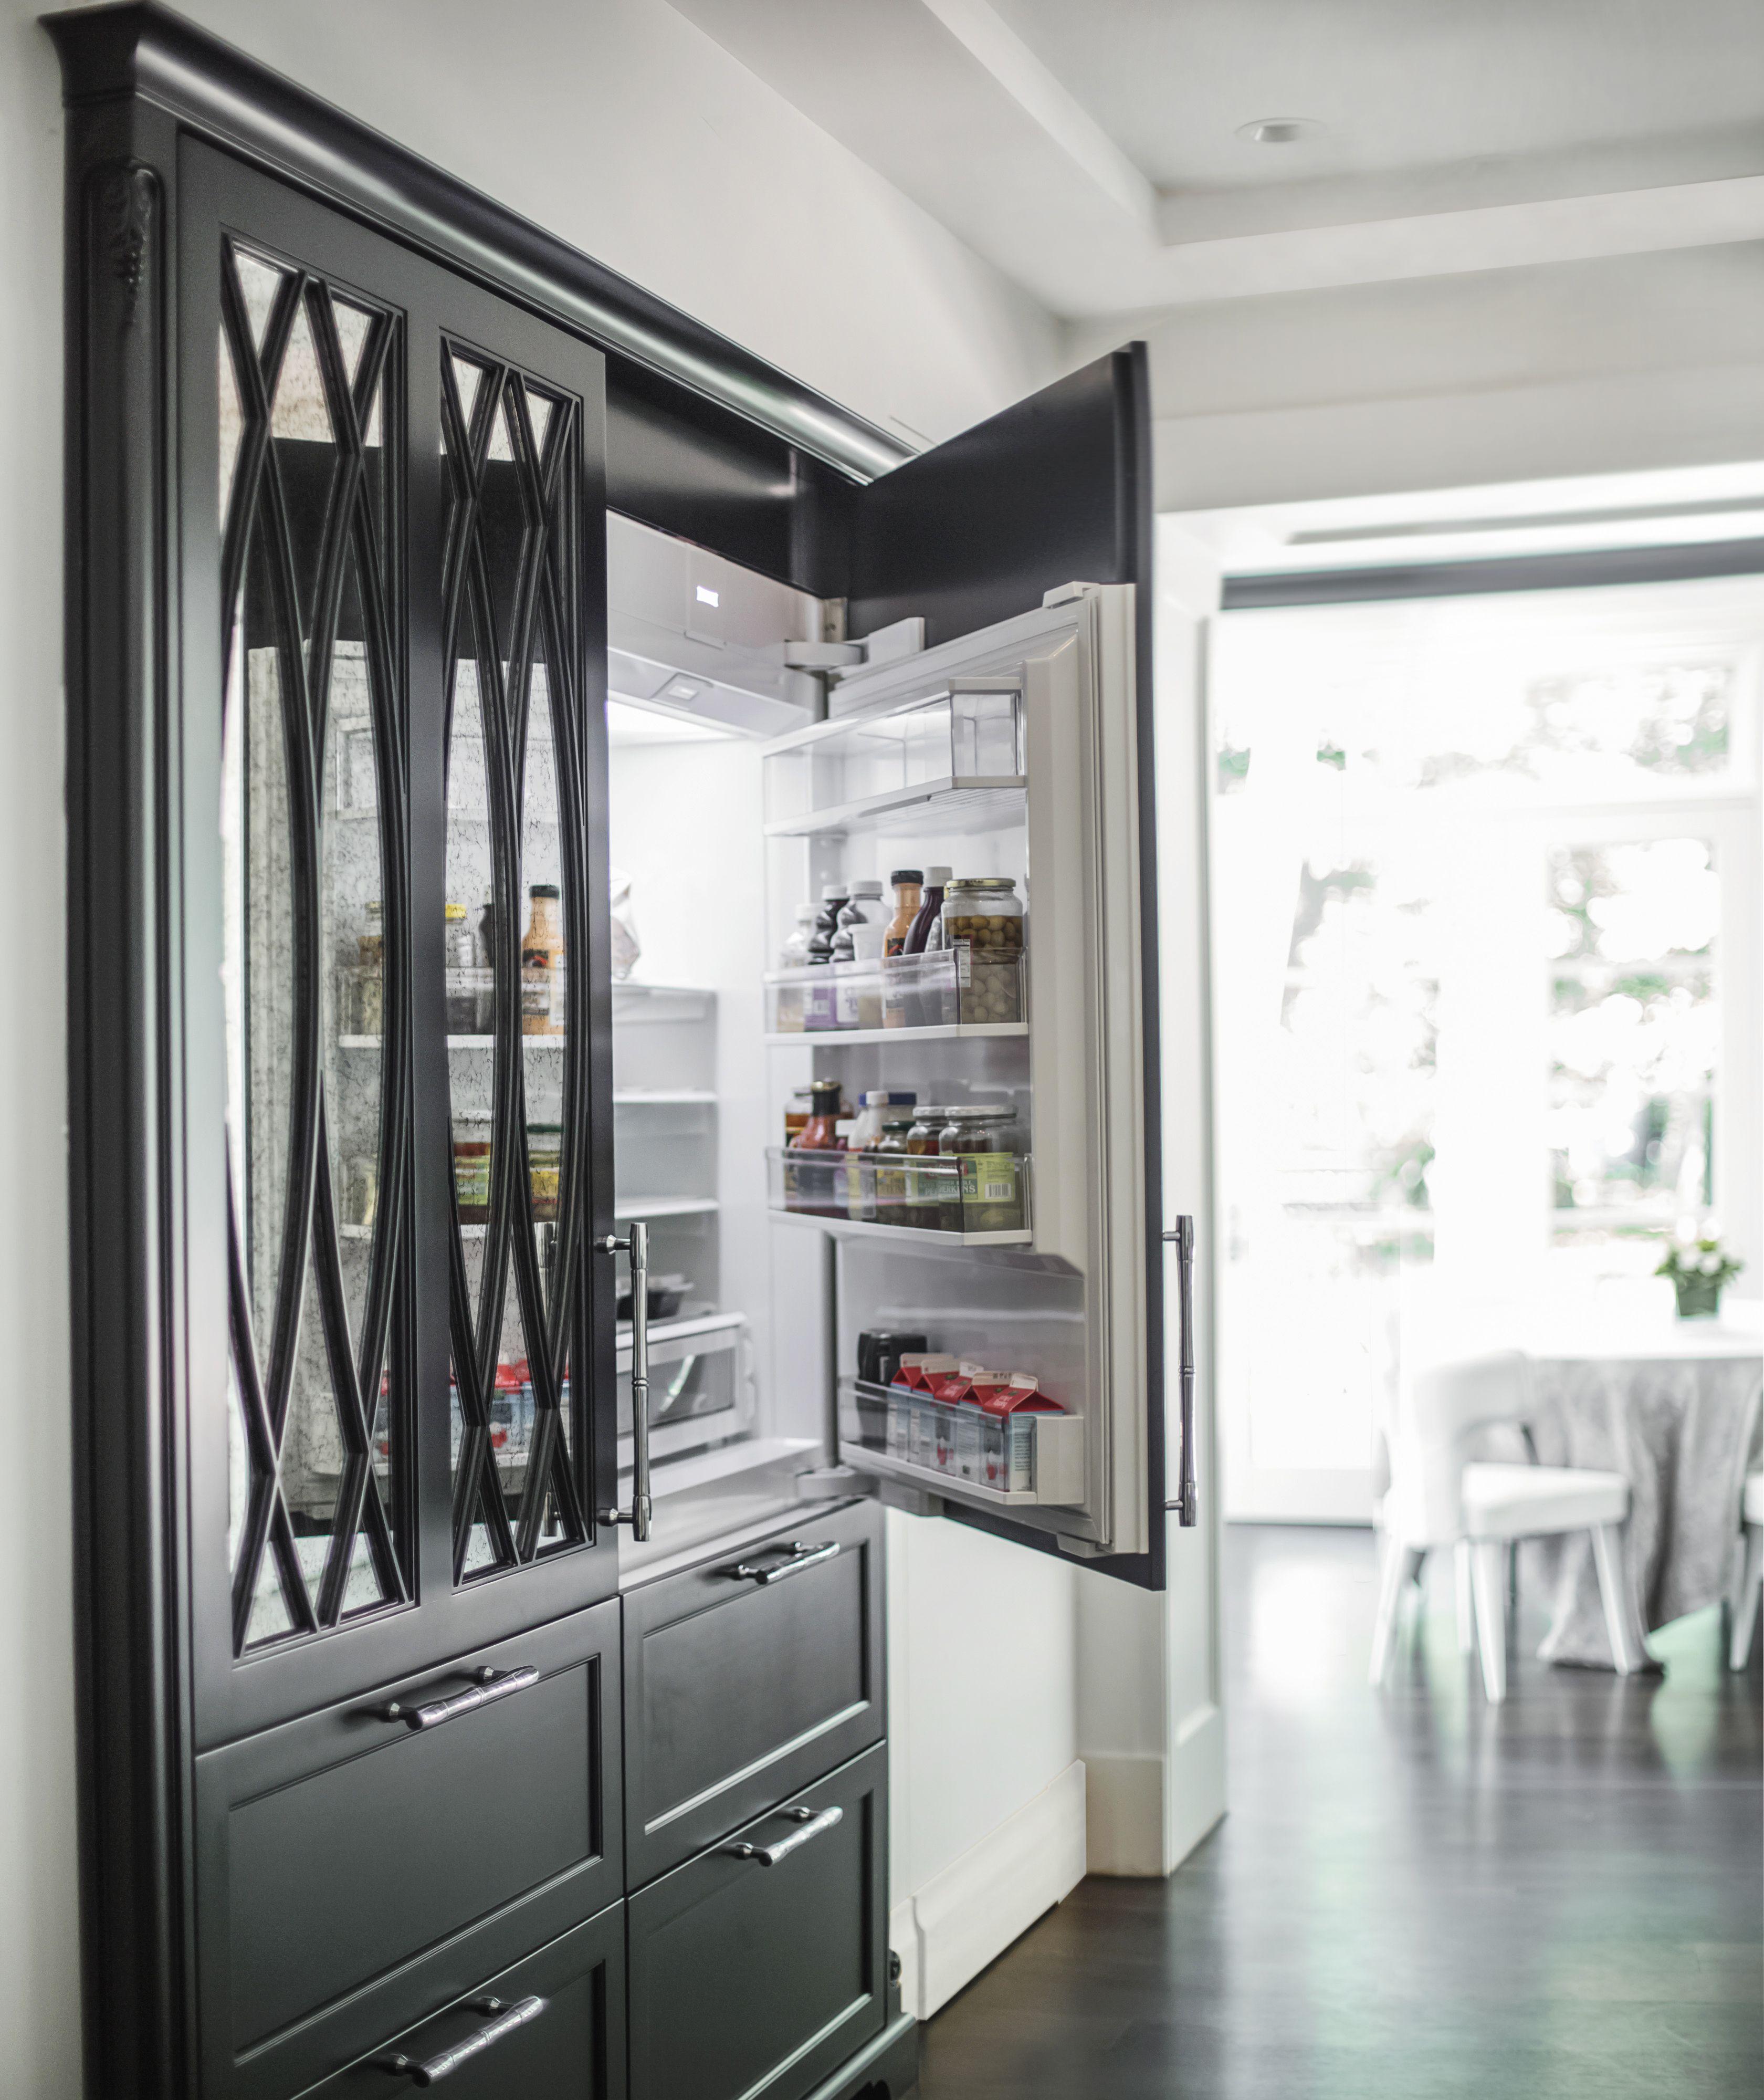 Black Kitchen With Two Subzero Refrigerators Paneled To